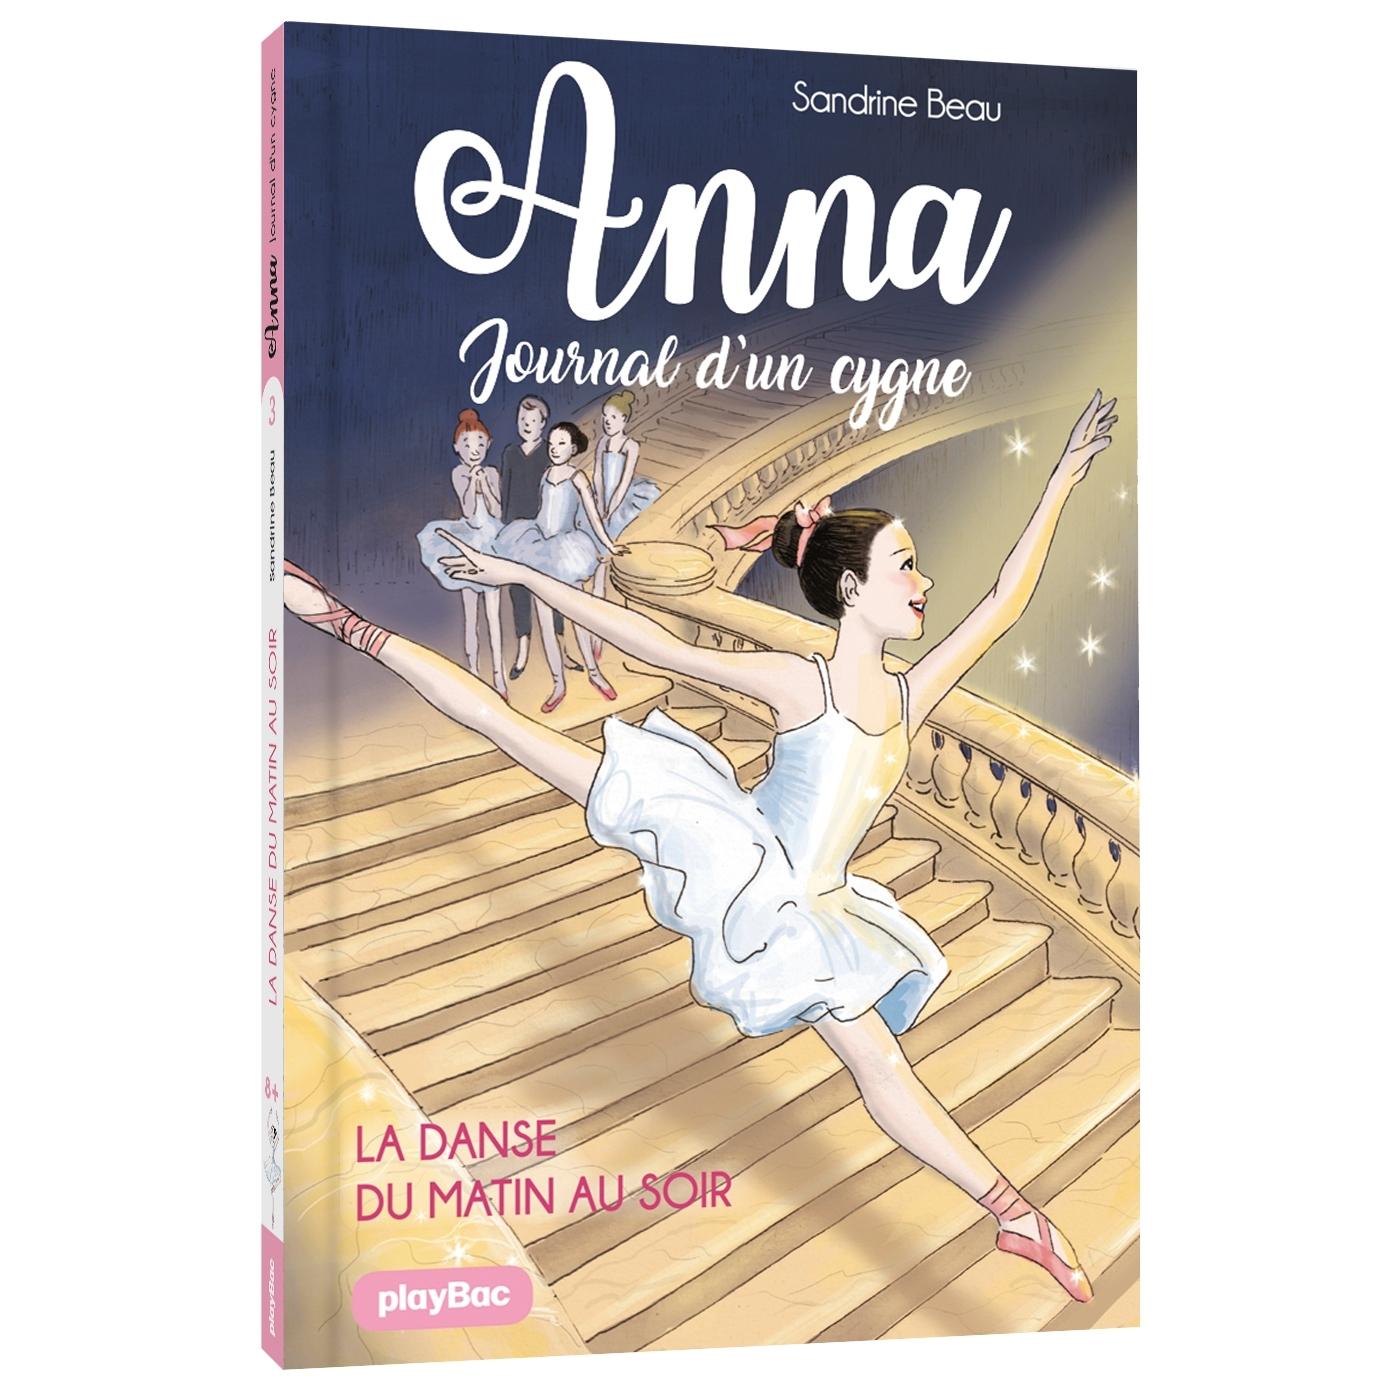 ANNA, JOURNAL D'UN CYGNE - LA DANSE DU MATIN AU SOIR - TOME 3